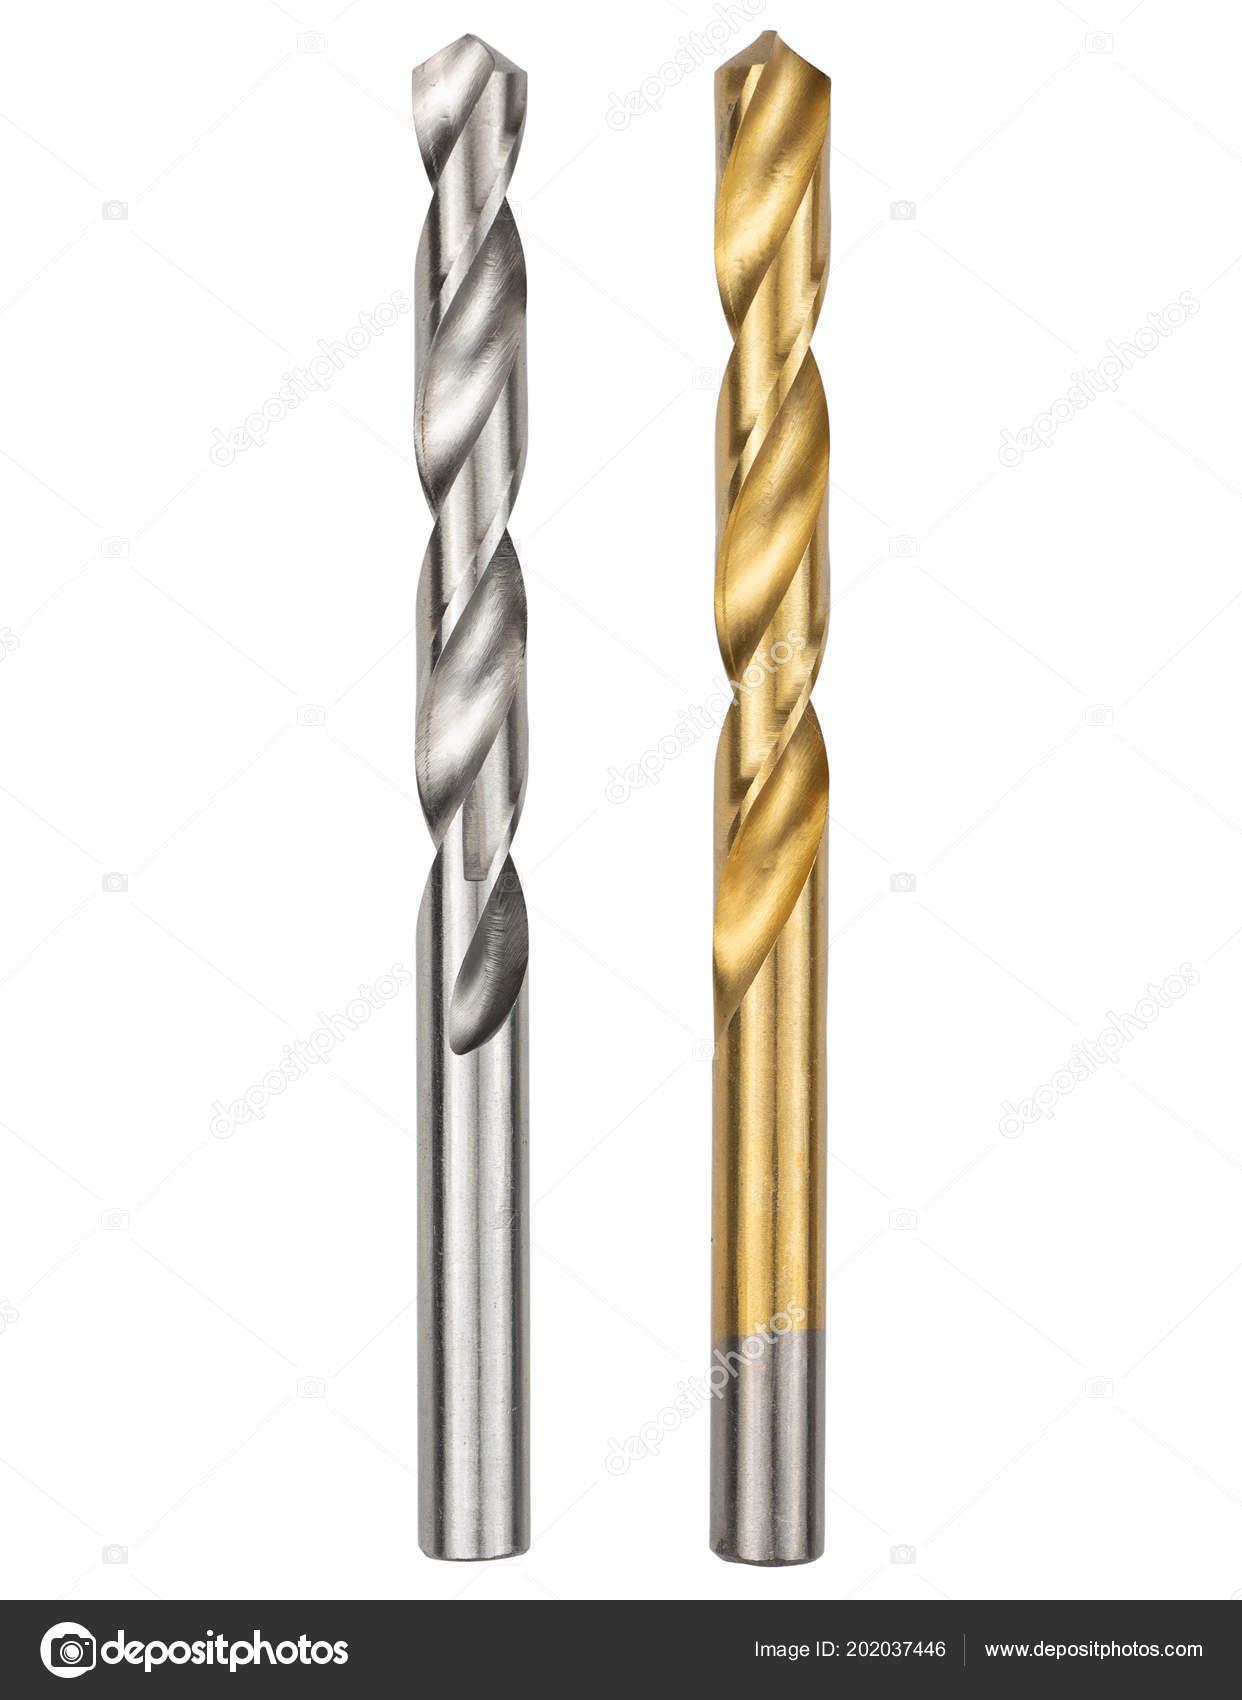 broca para metal — Foto de stock © ottoshtekker #202037446